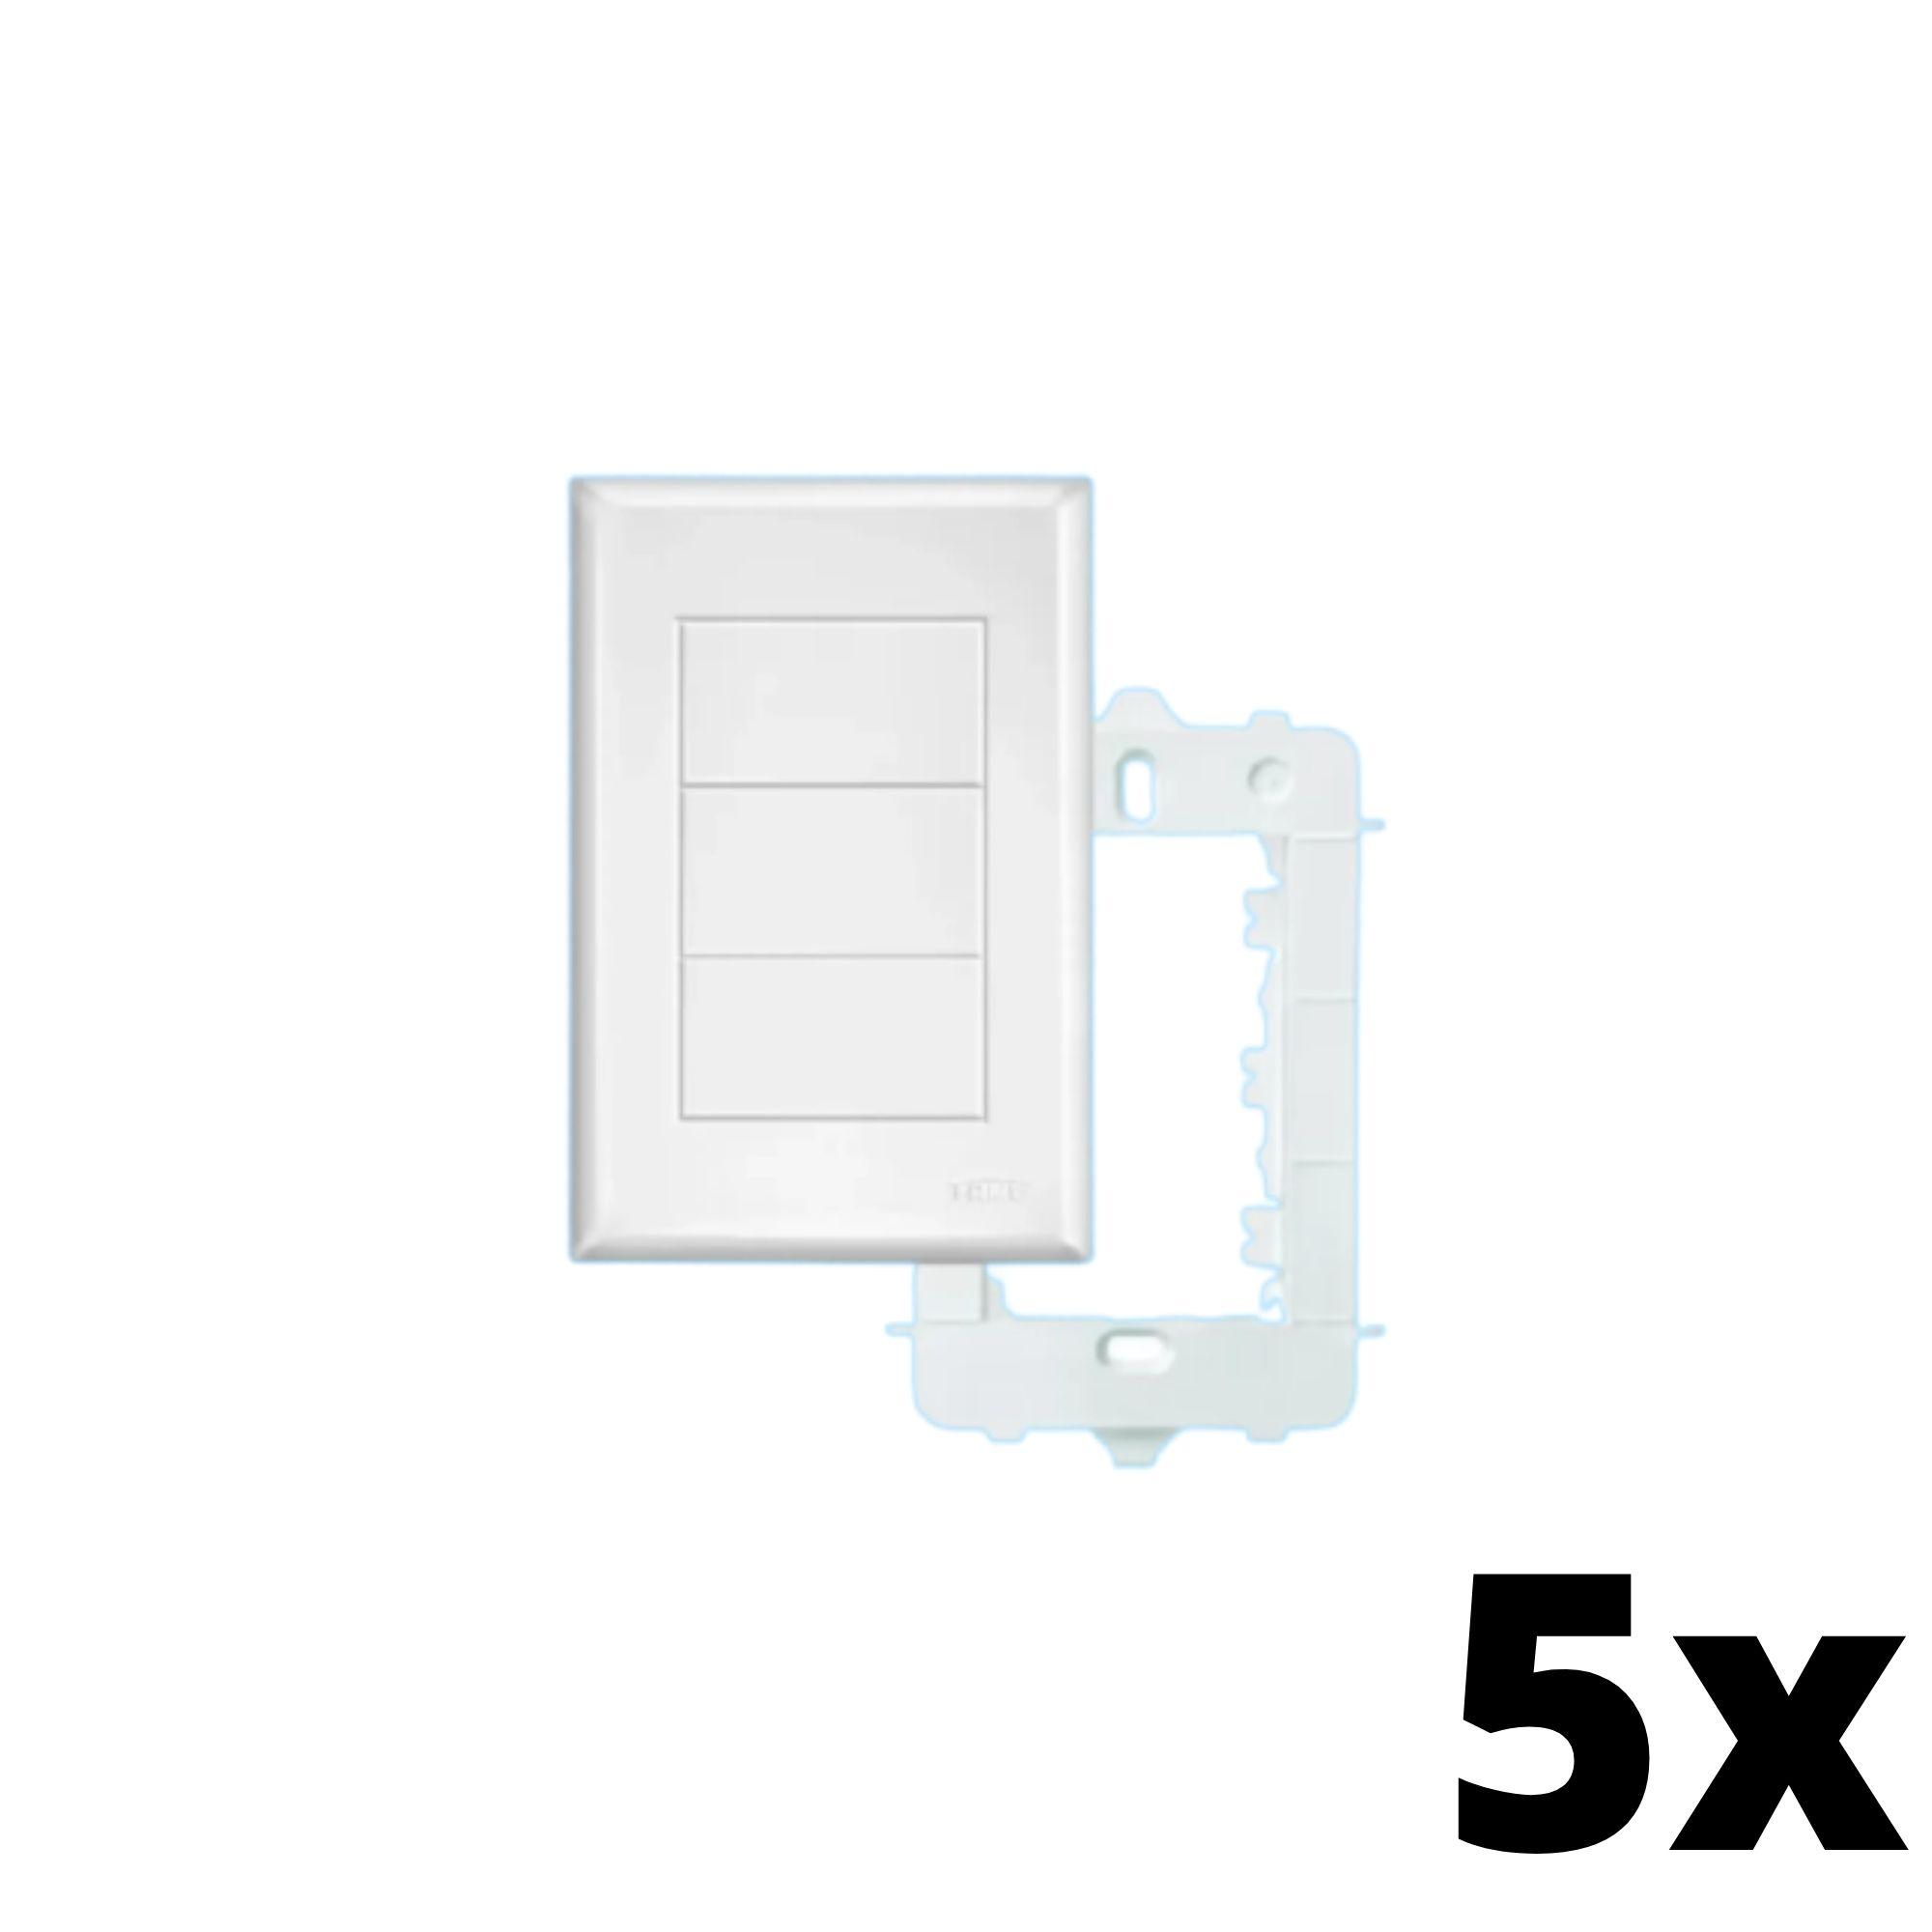 Kit 5 und Evidence Placa 4x2 Cega